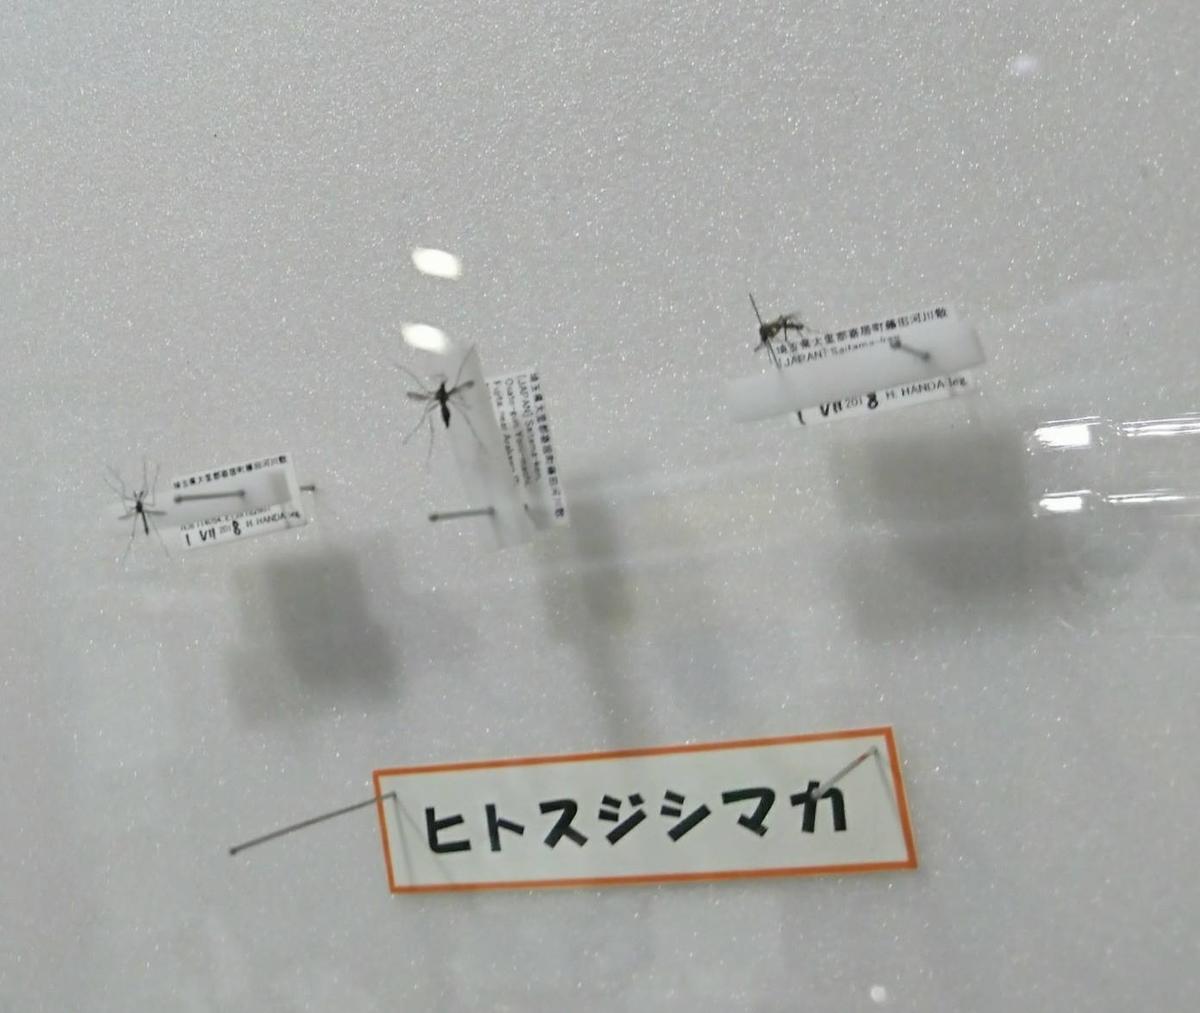 f:id:tanabetan:20190510003548j:plain